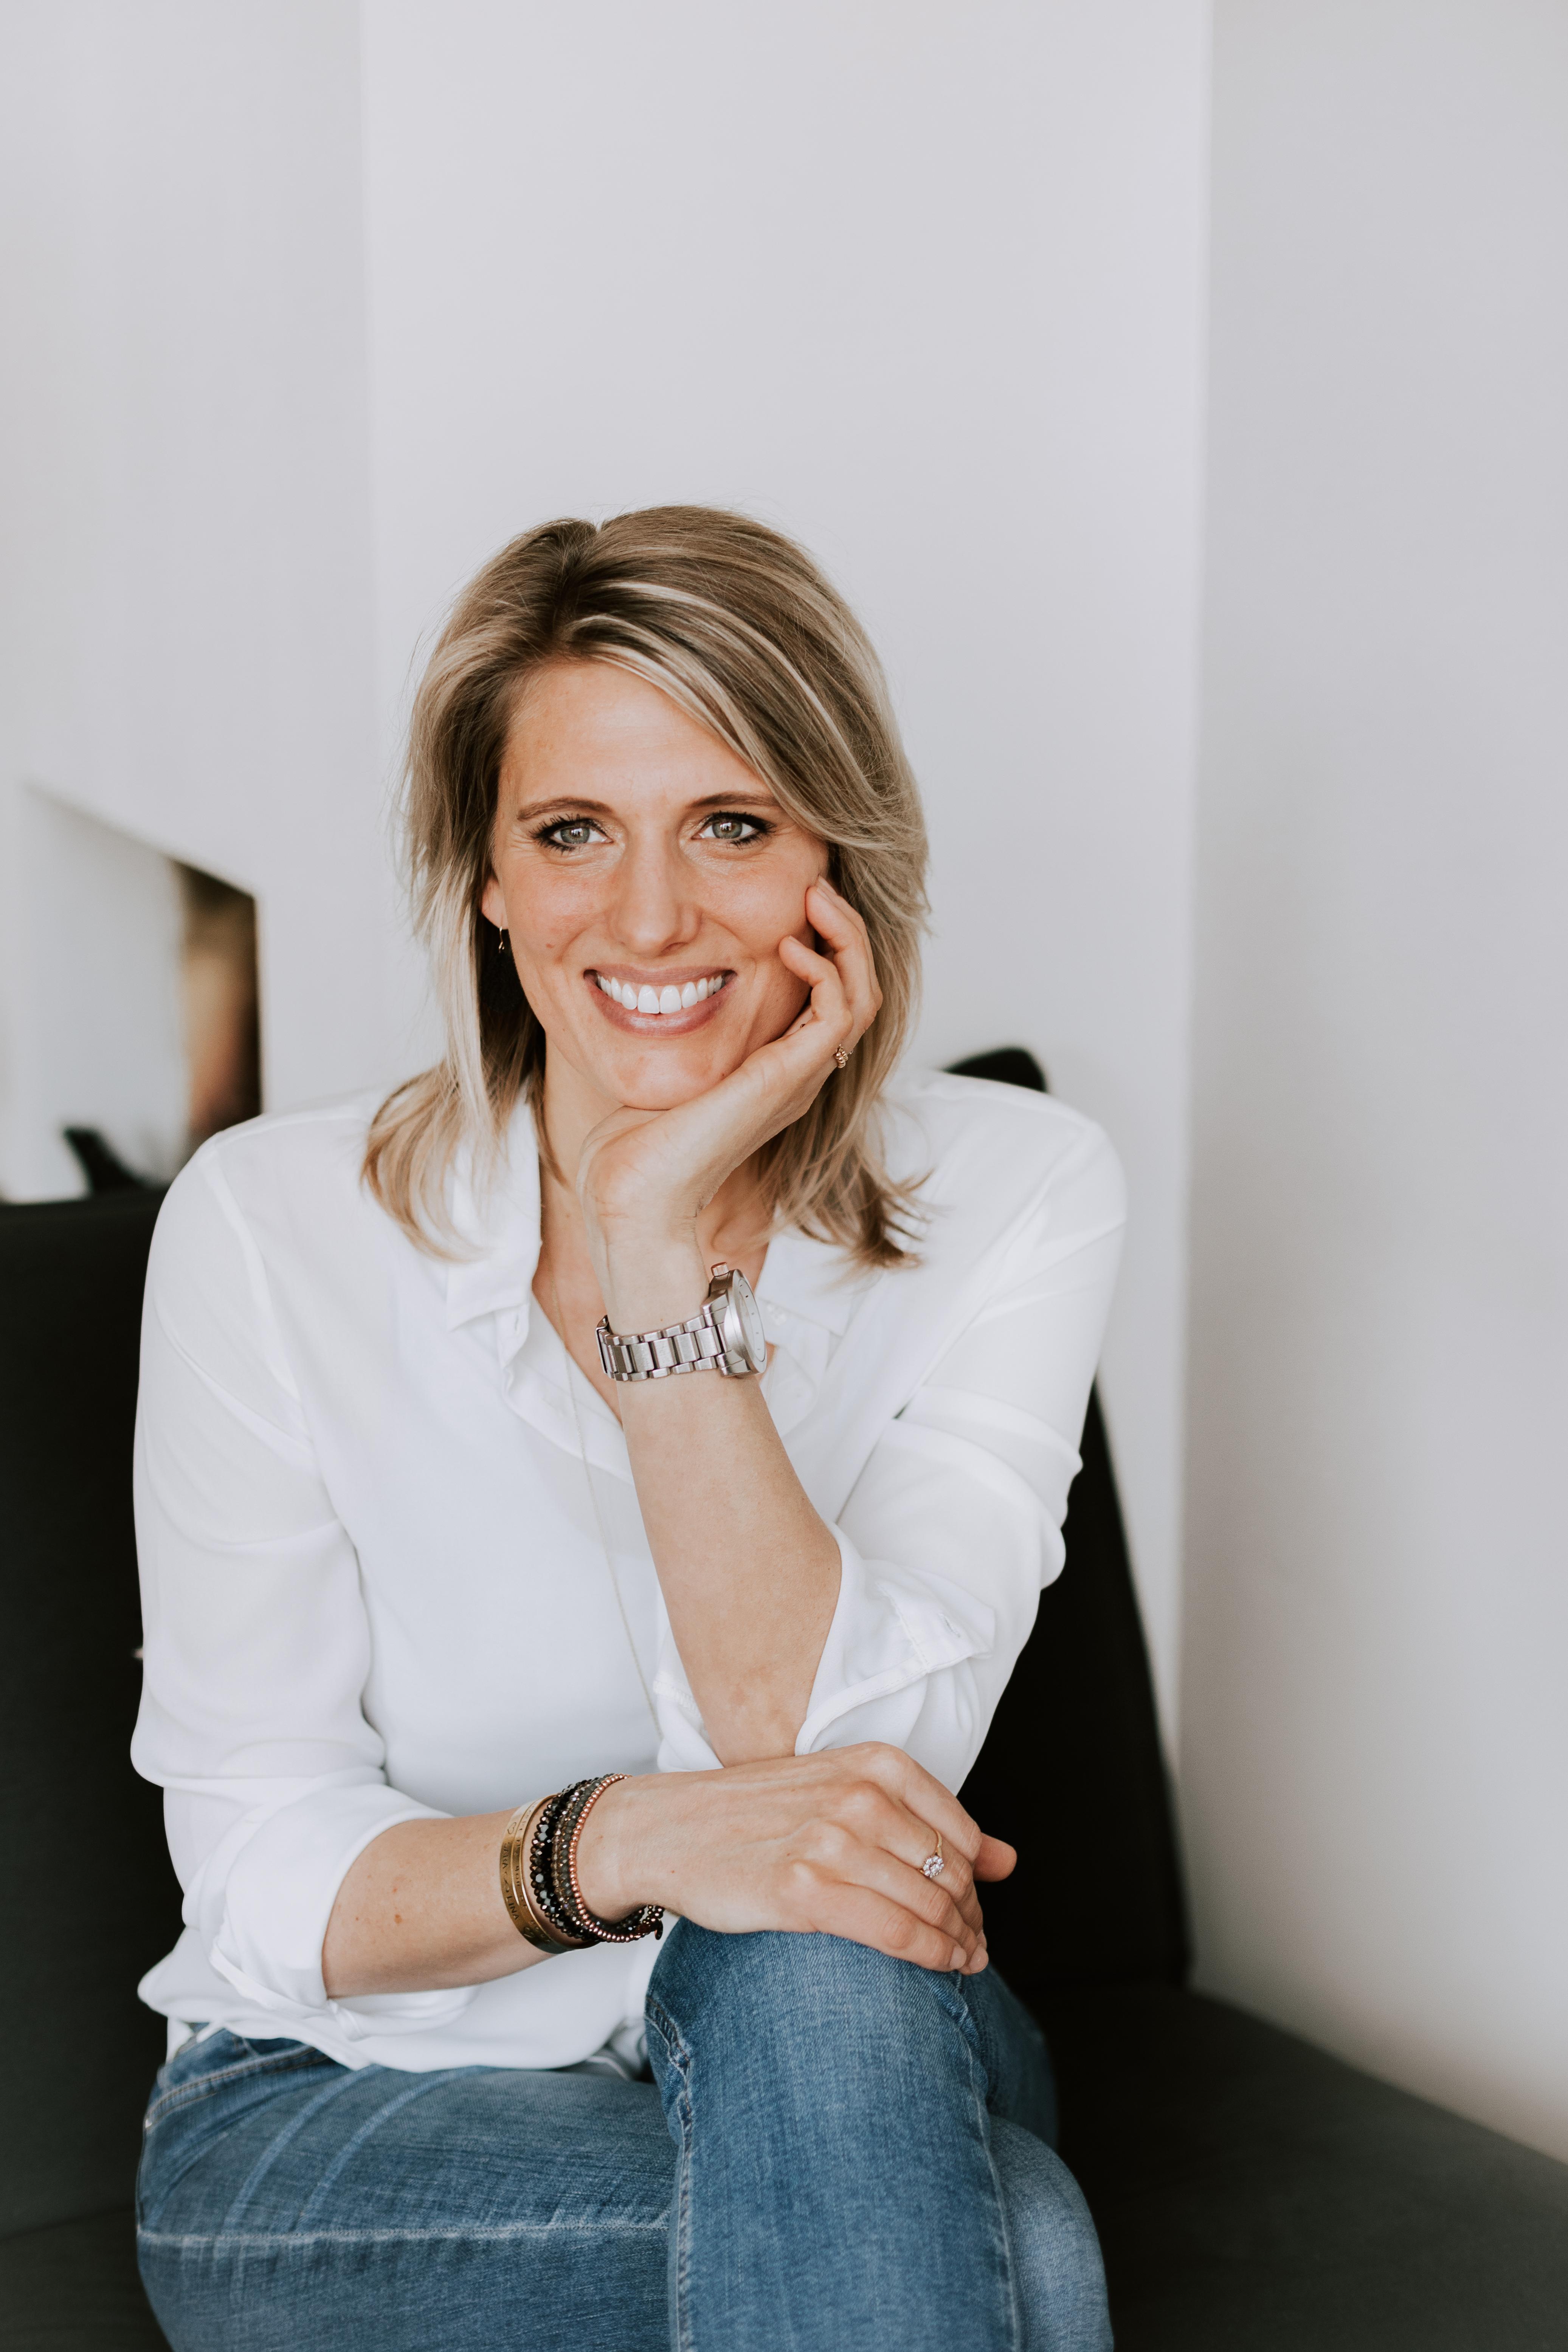 Nathalie Wethmar marketing advies coaching ambitieuze vrouwen vrouwelijke ondernemers rust focus balans succes